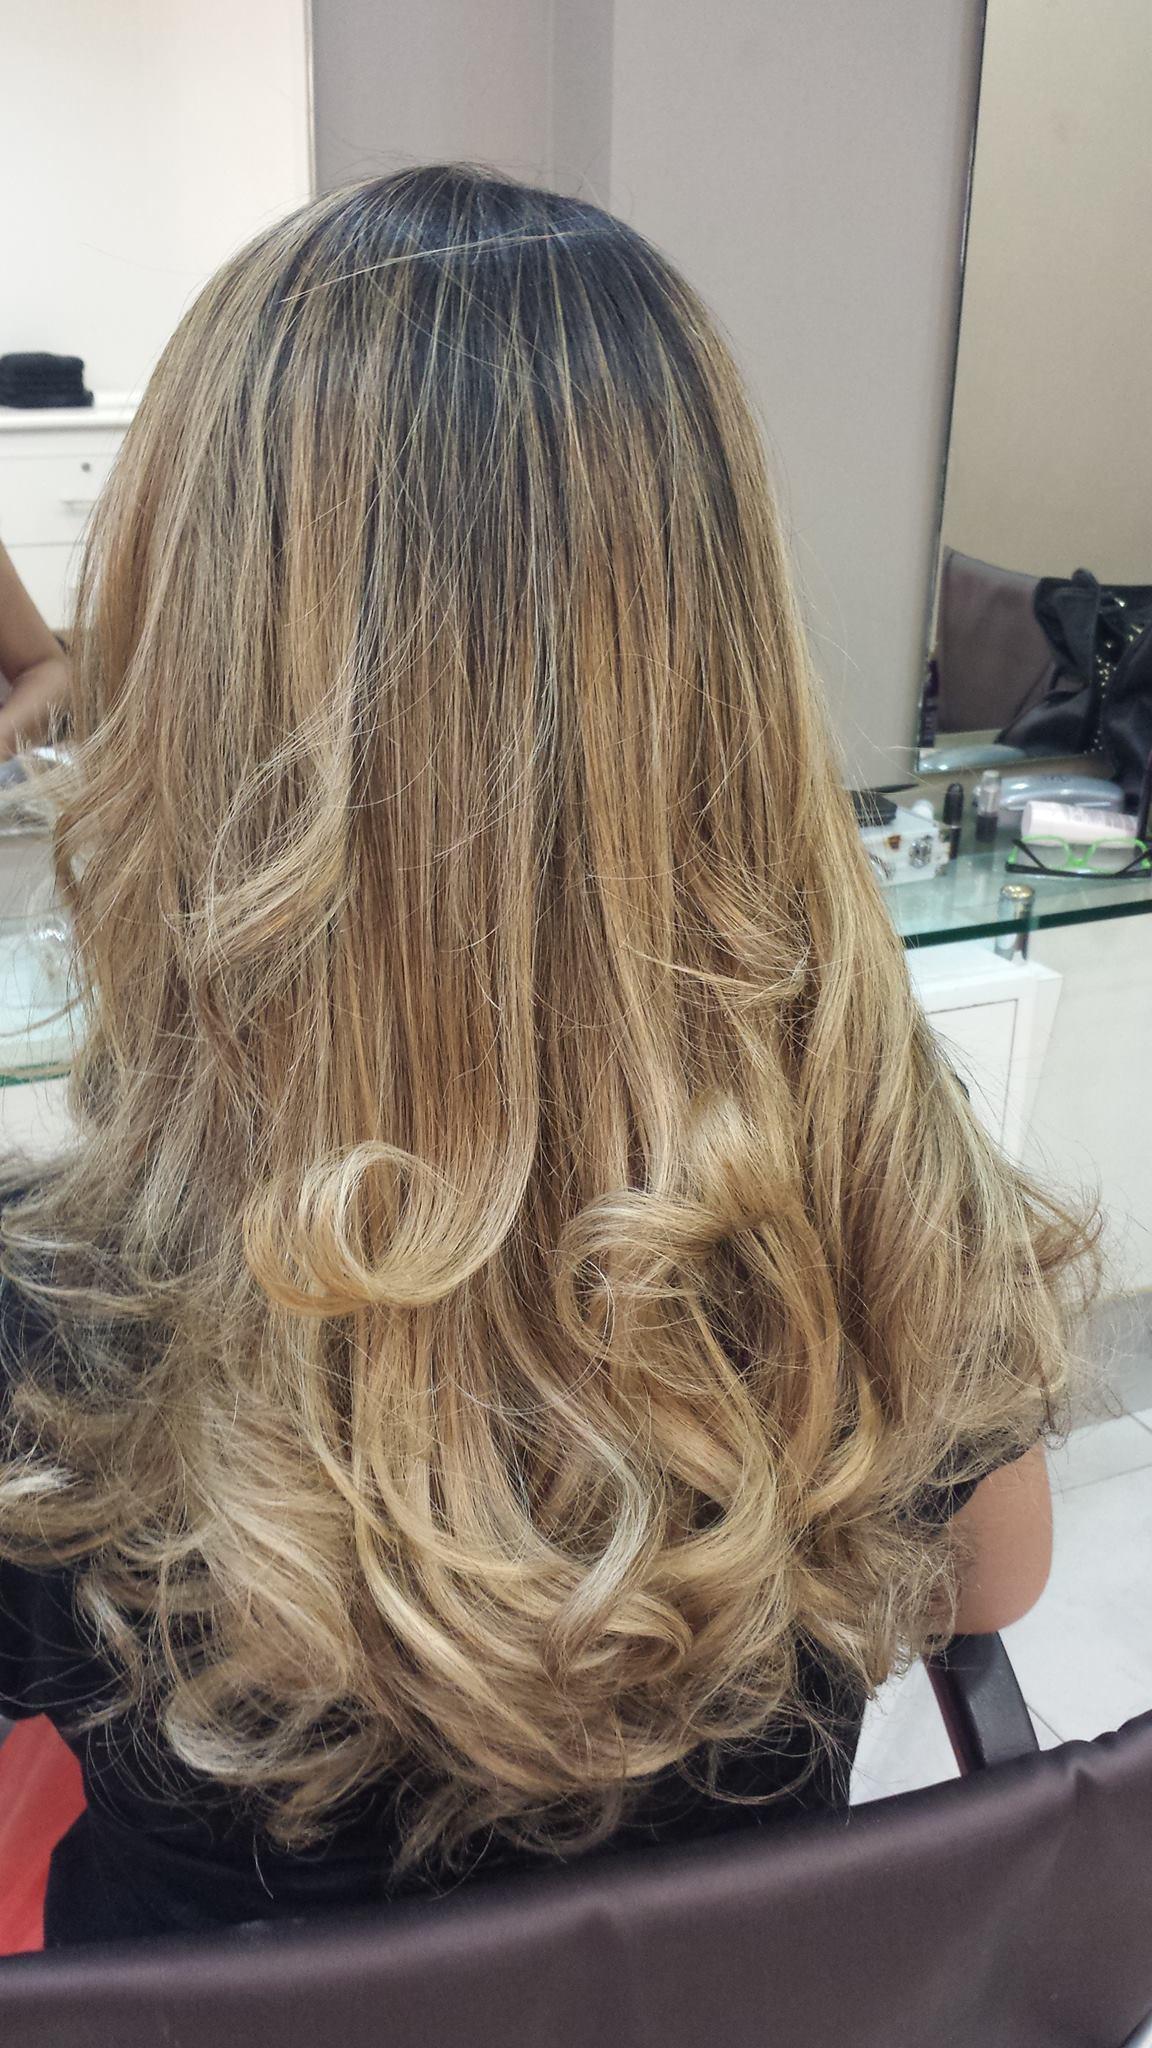 #cabelosdivas #amomeutrabalho  cabeleireiro(a) cabeleireiro(a) cabeleireiro(a) cabeleireiro(a)